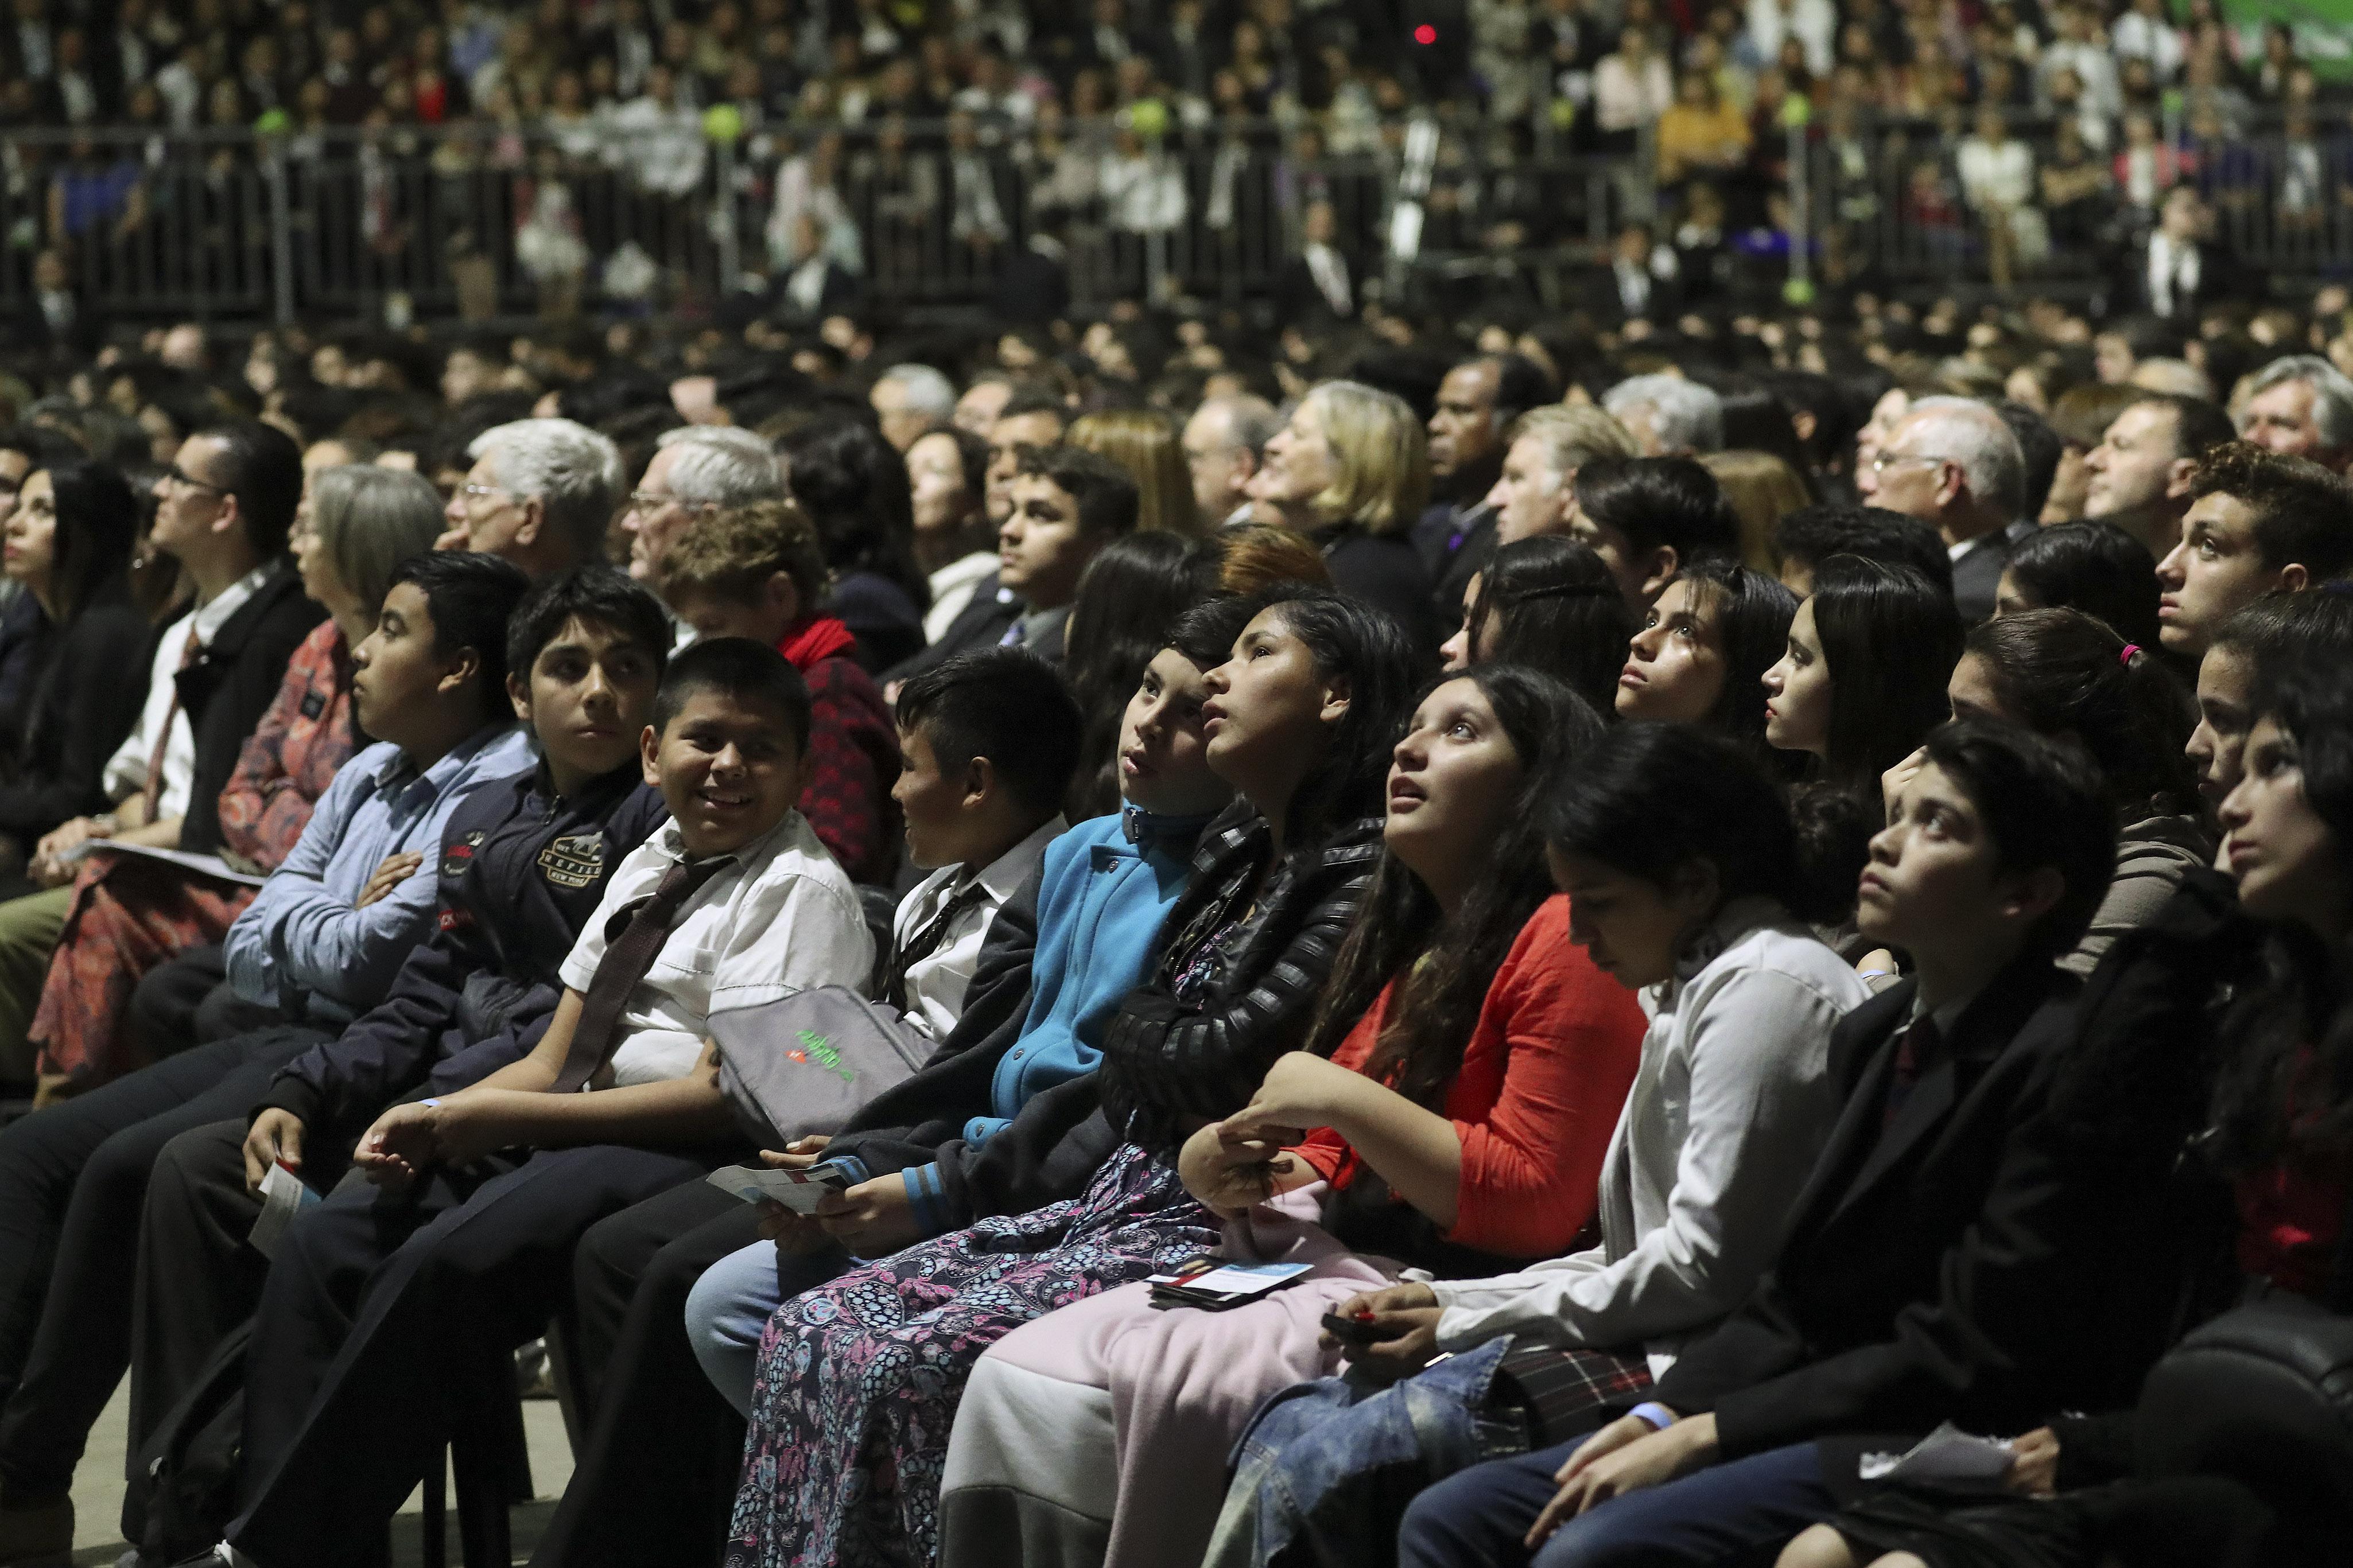 Los asistentes escuchan durante un devocional en Buenos Aires, Argentina, el miércoles 28 de agosto de 2019.